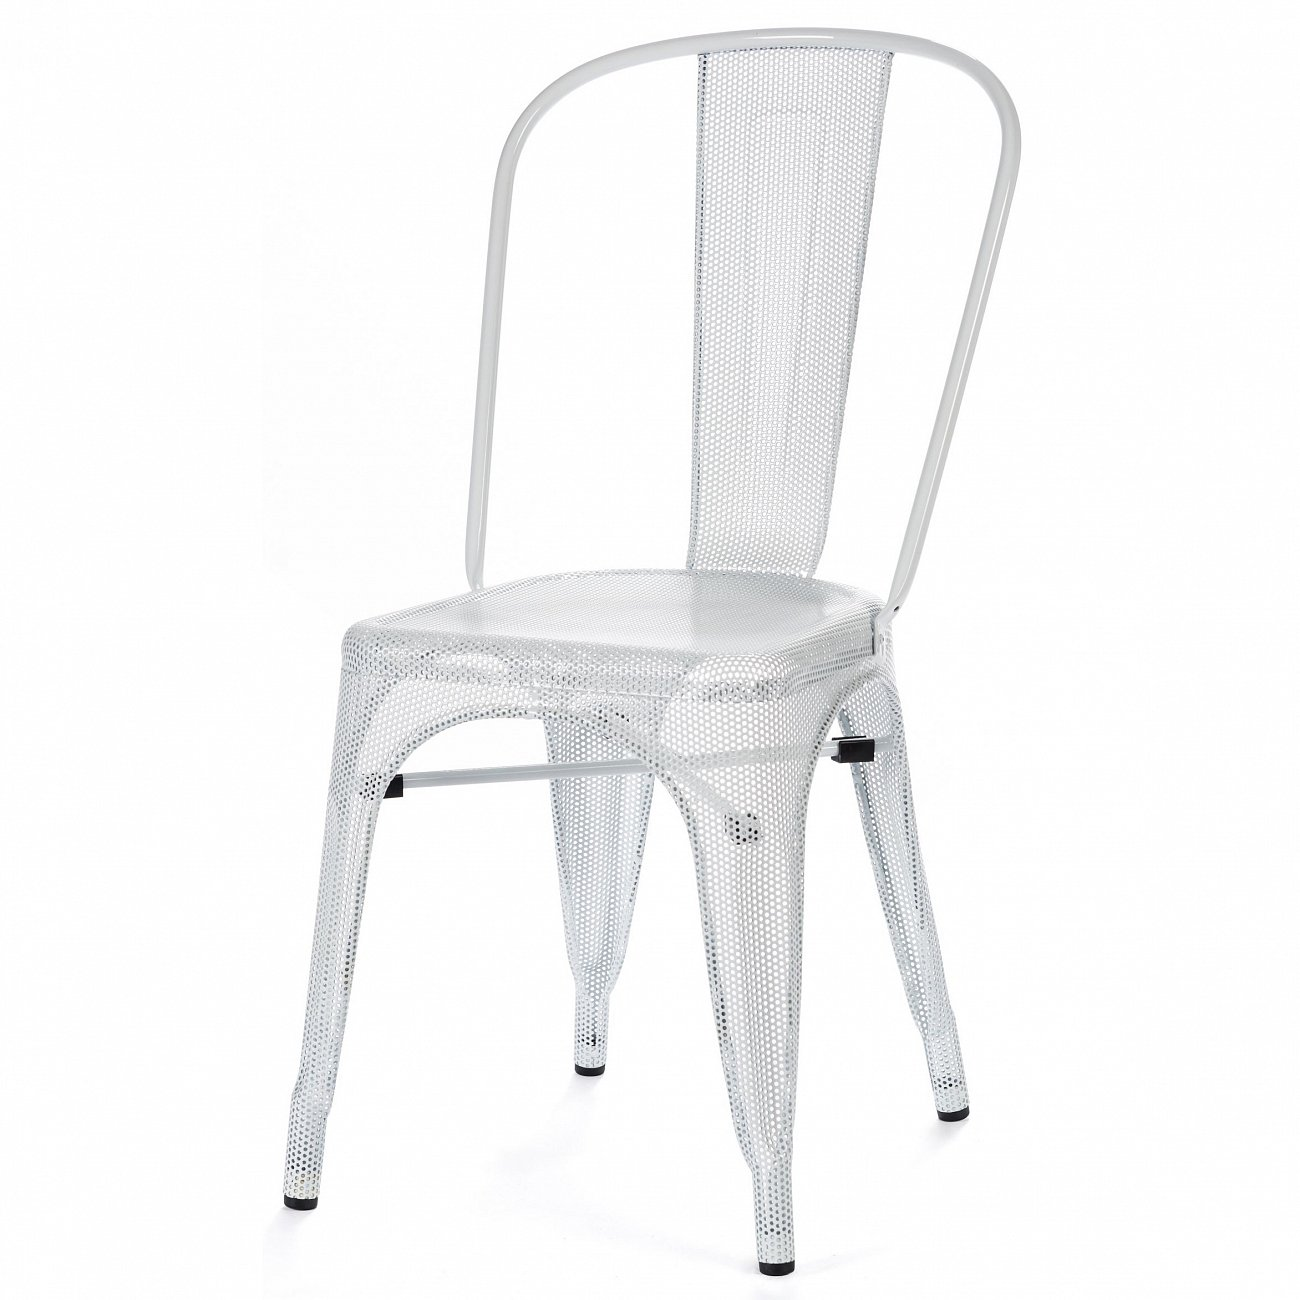 Купить Стул Marais Mesh Белый в интернет магазине дизайнерской мебели и аксессуаров для дома и дачи